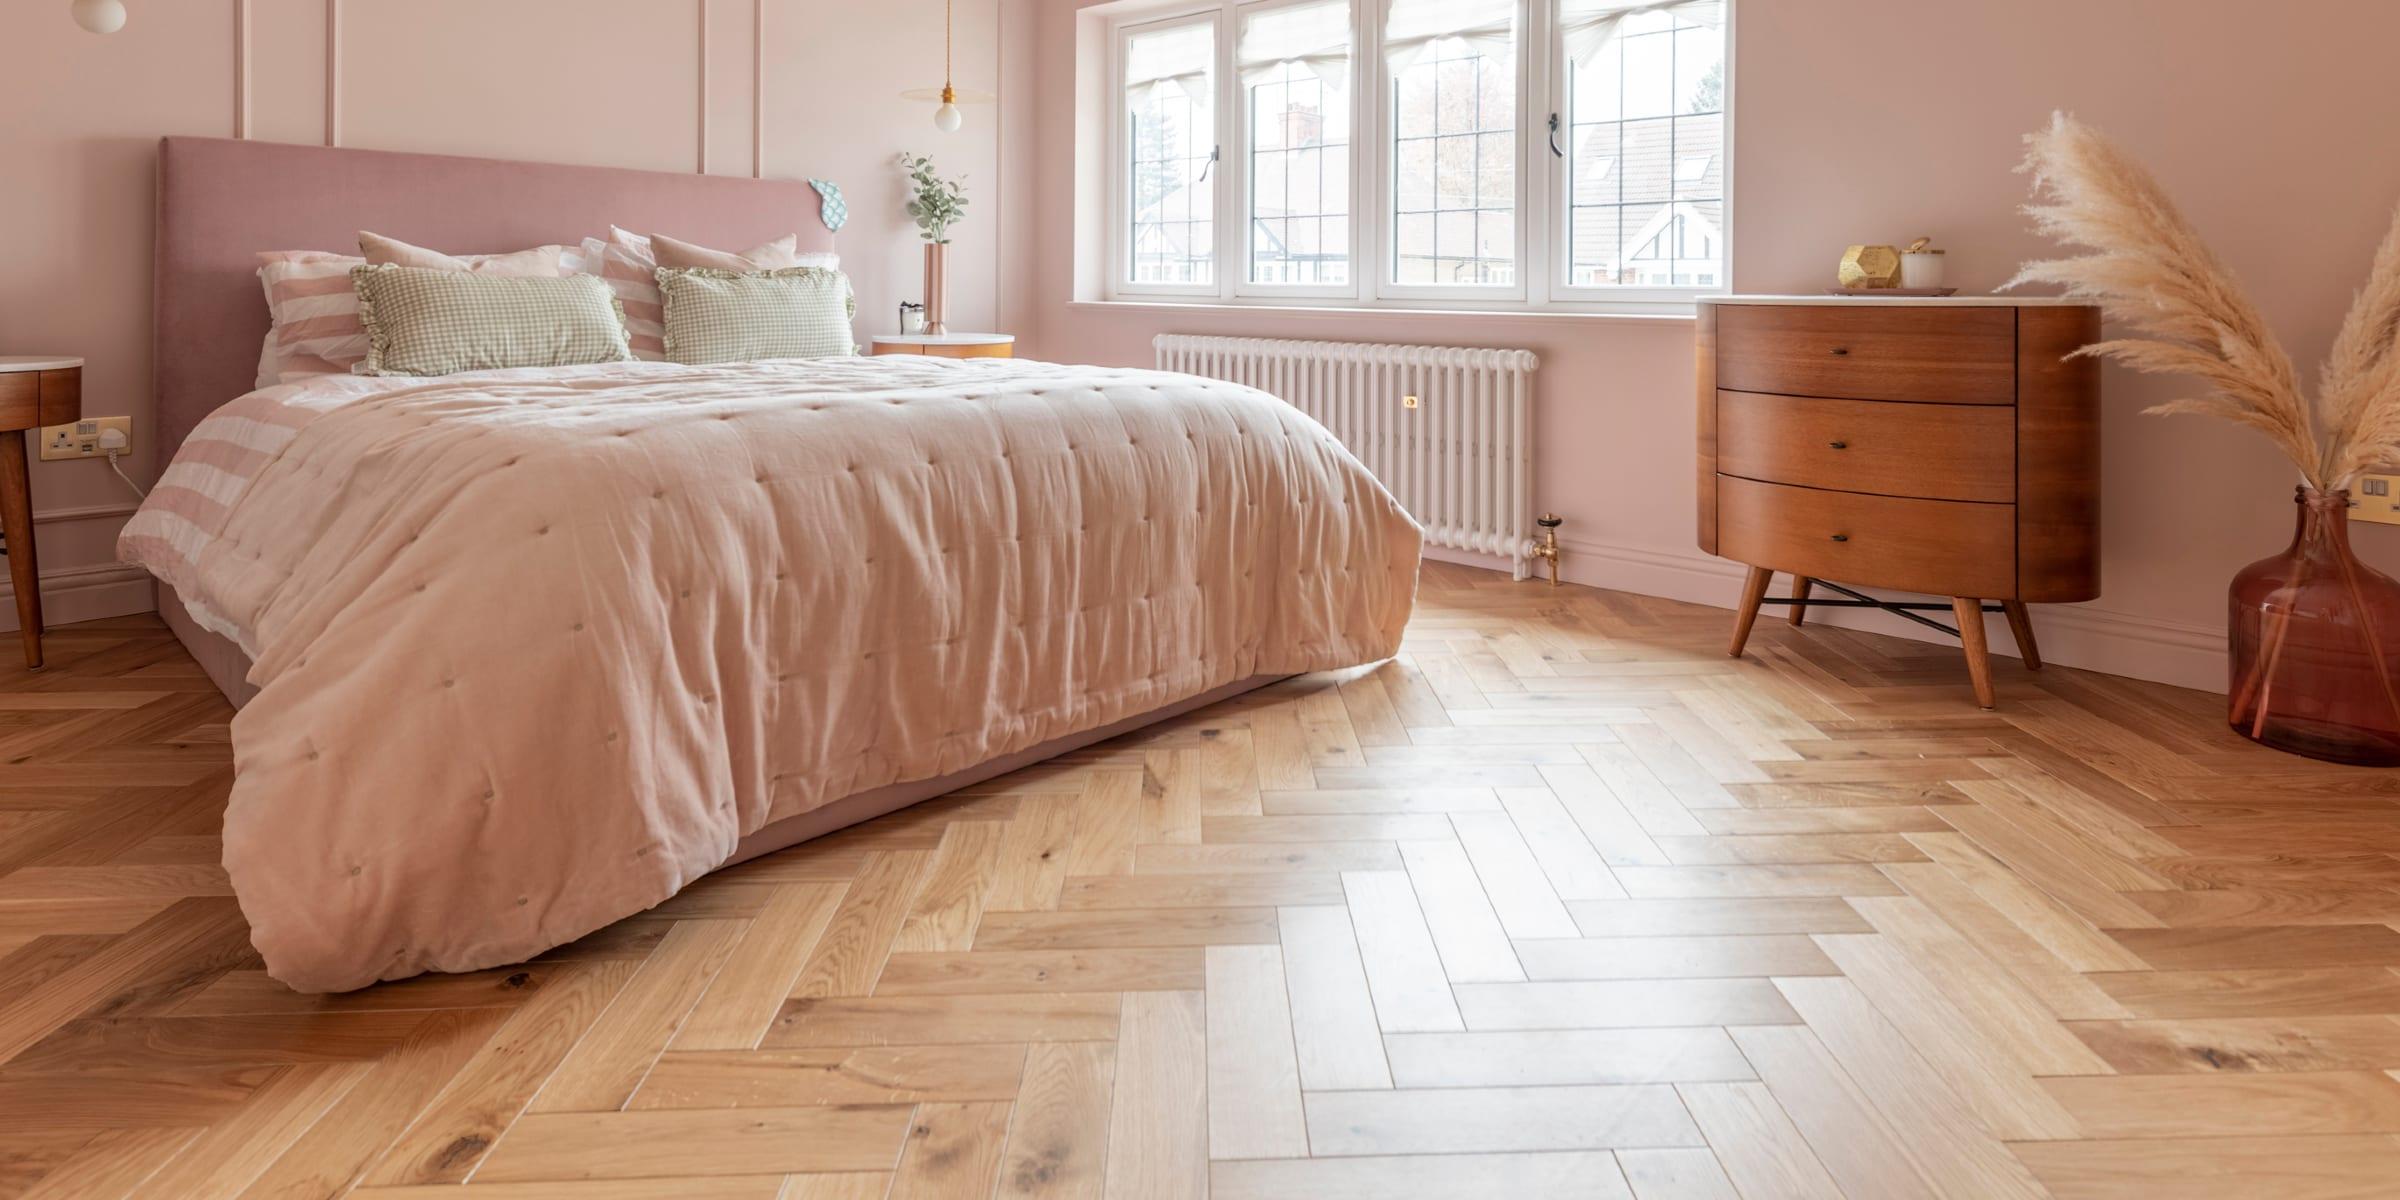 V4 Zigzag Natural Oak in pink bedroom